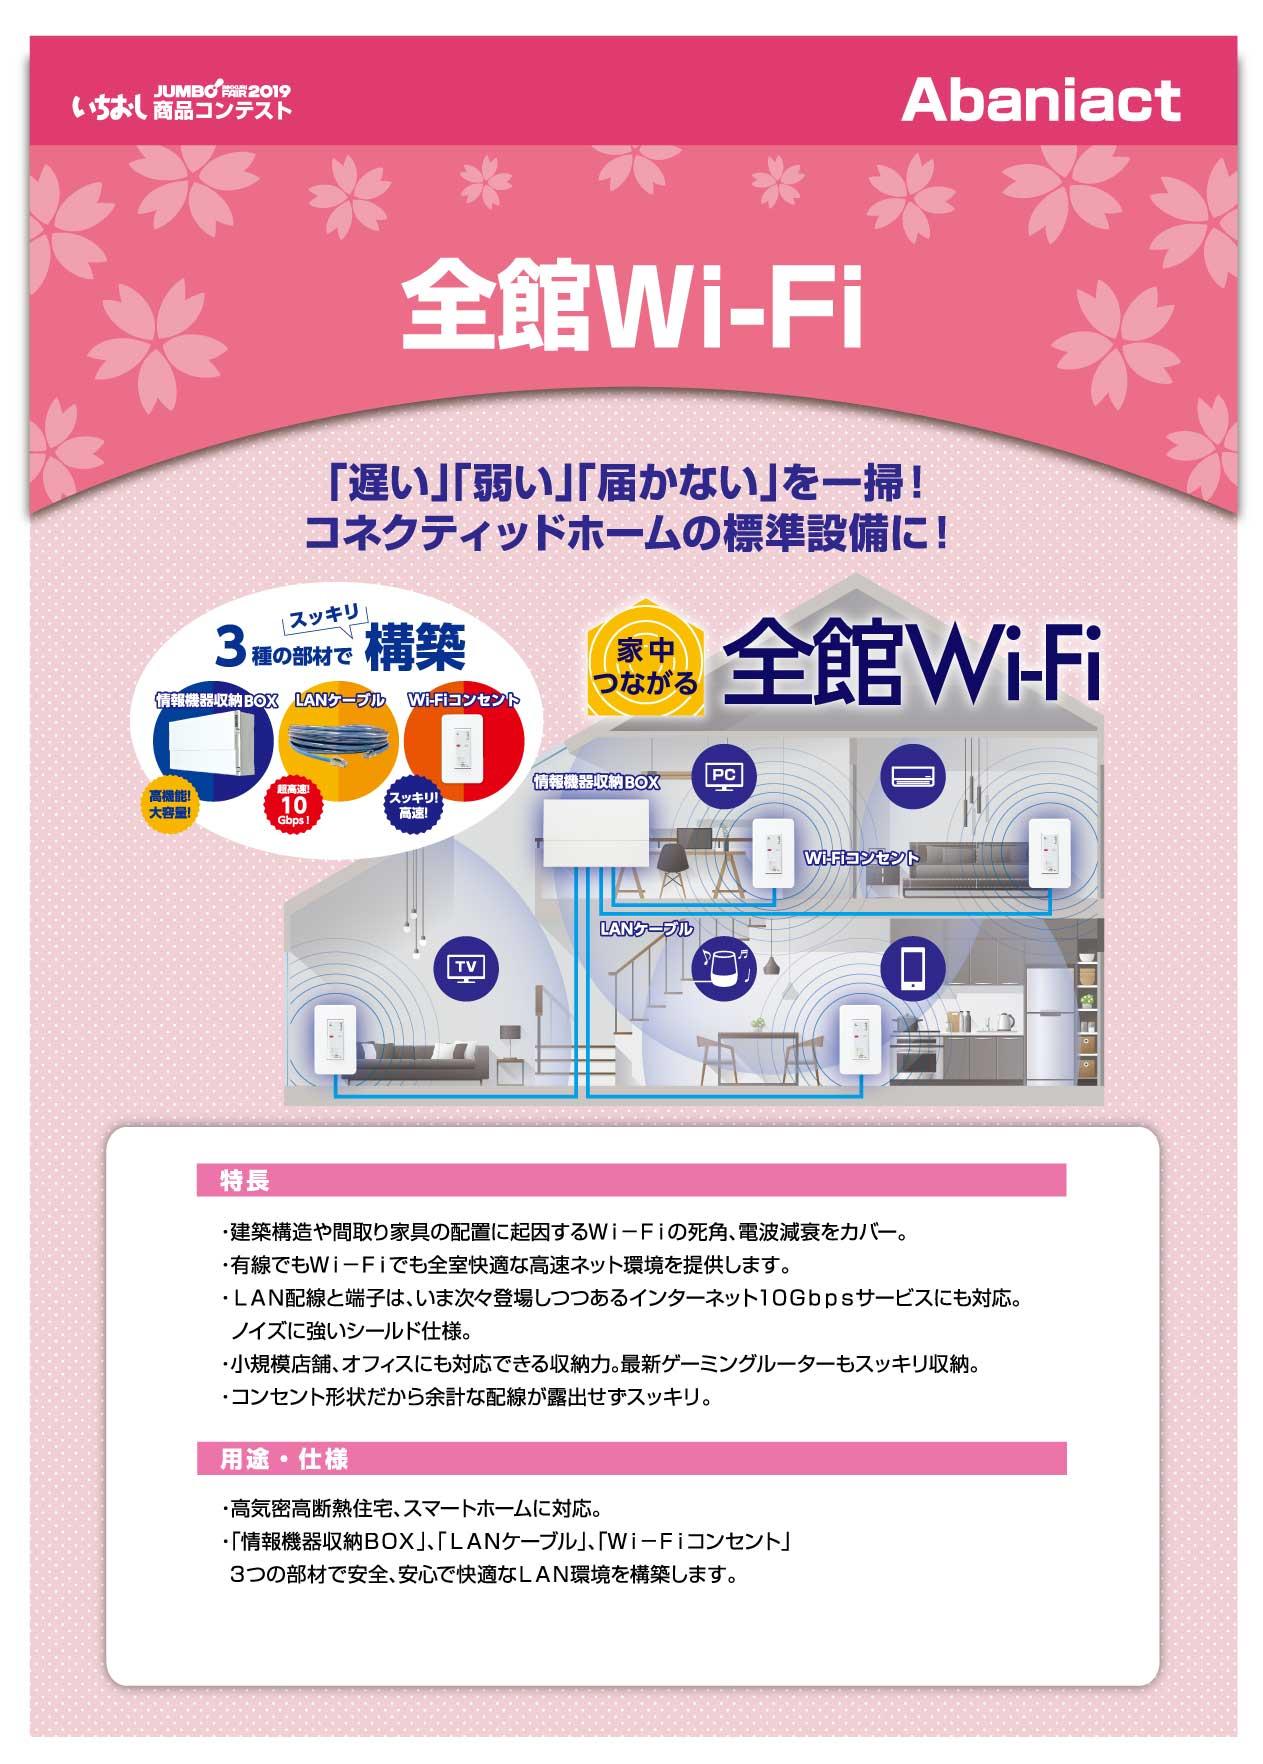 「全館Wi-Fi」Abaniactの画像